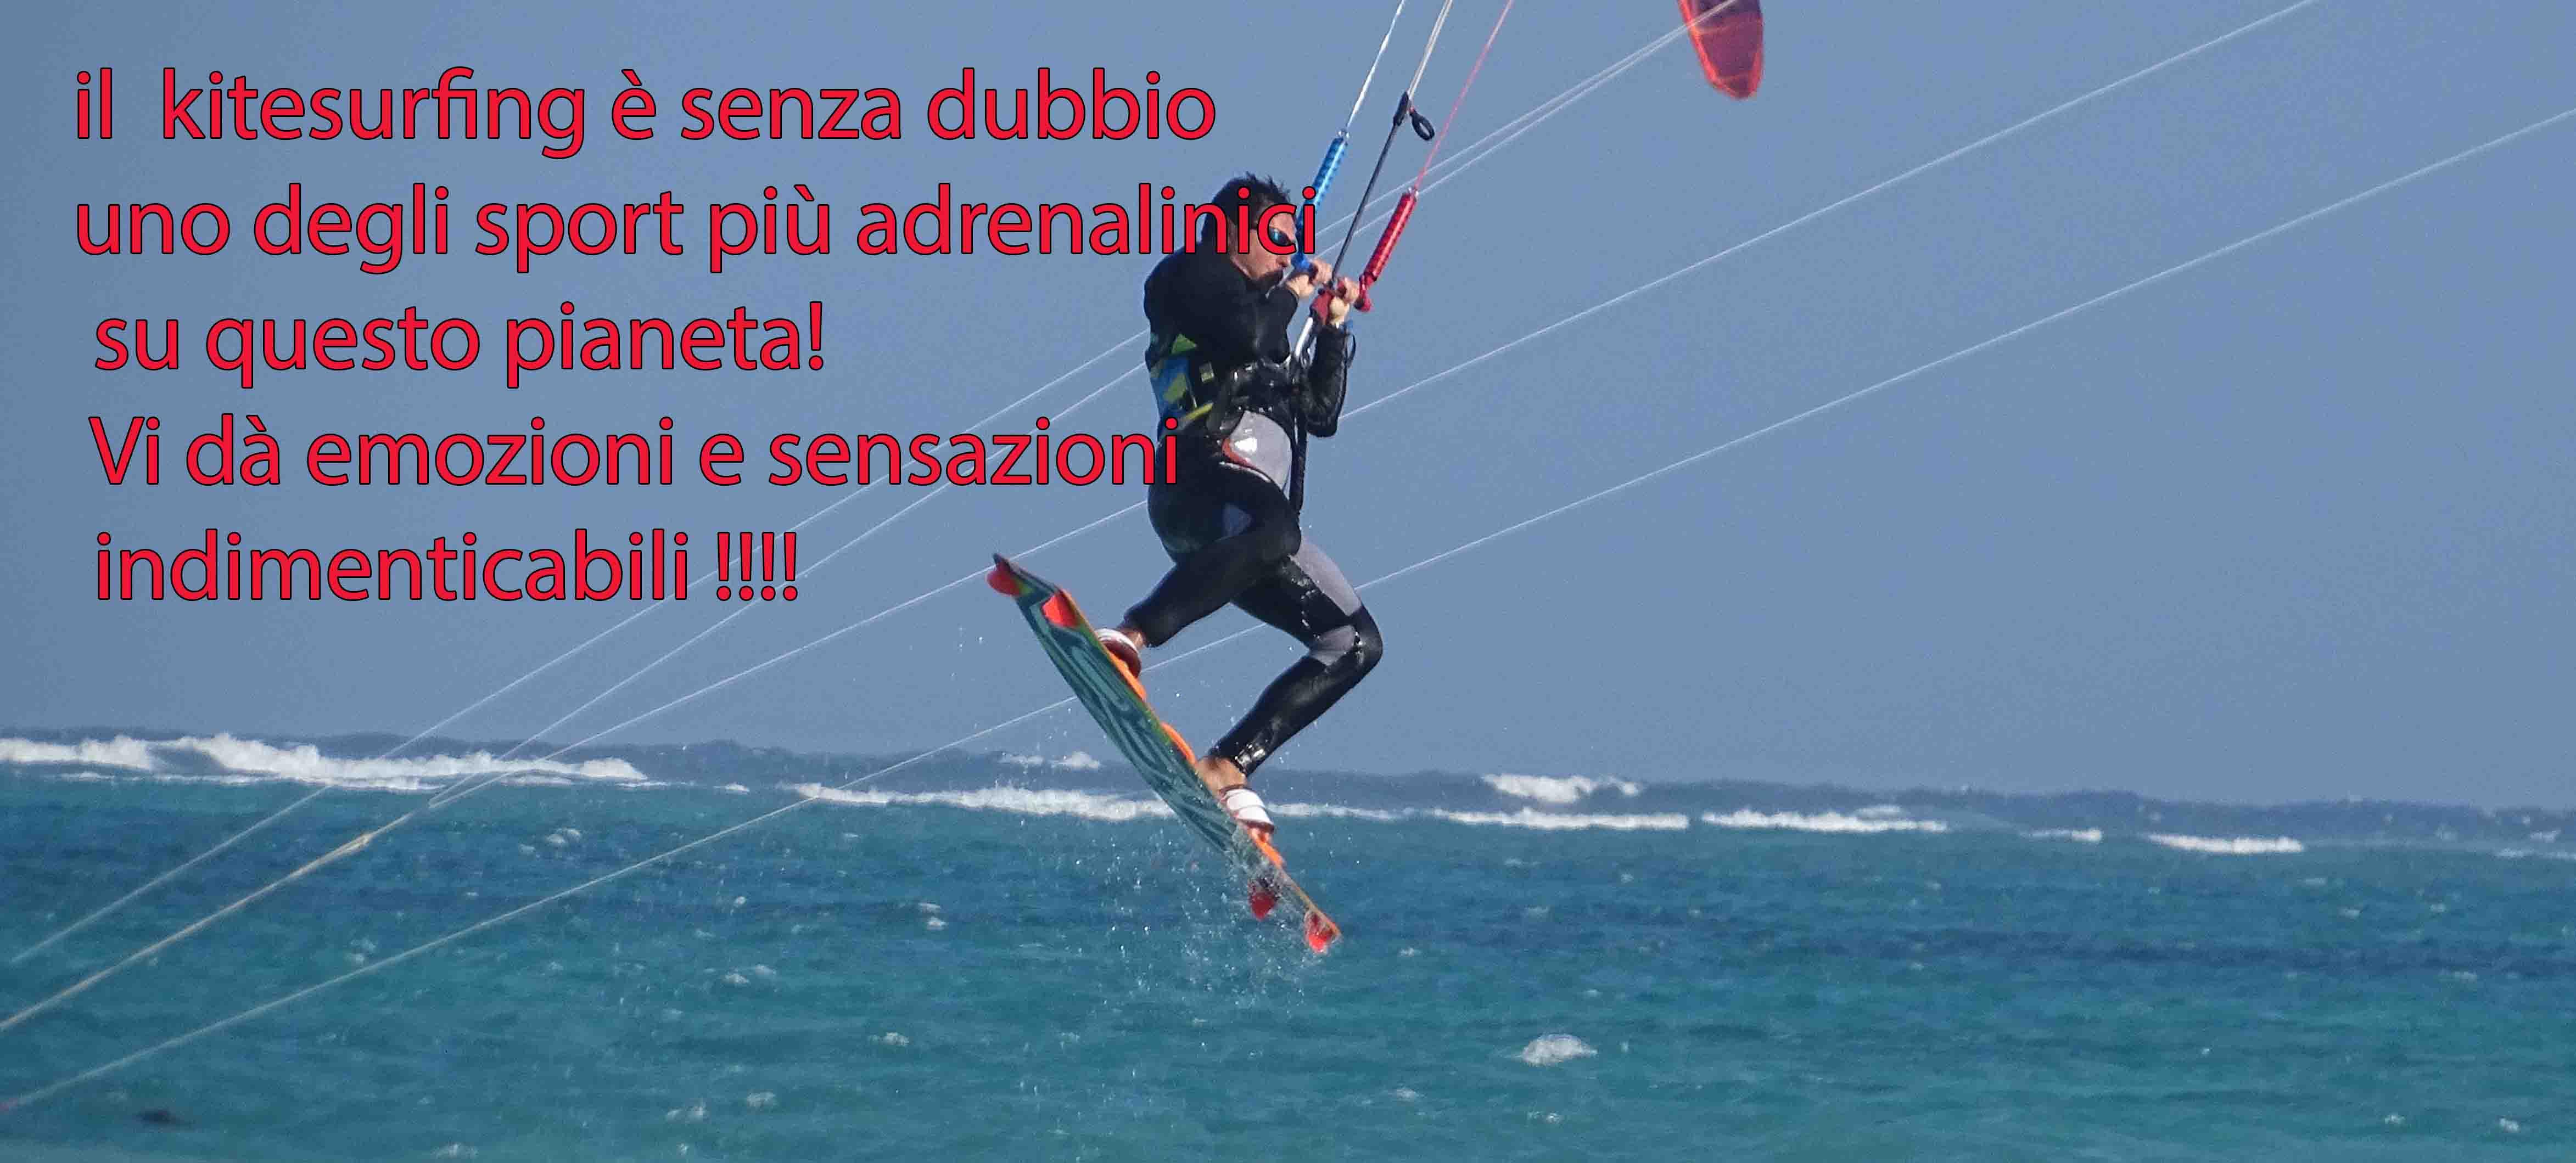 learn-kitesurf-kitesurfing-kite-emozioni-pricipianti-imparare-apprendere-studiare-divertimento